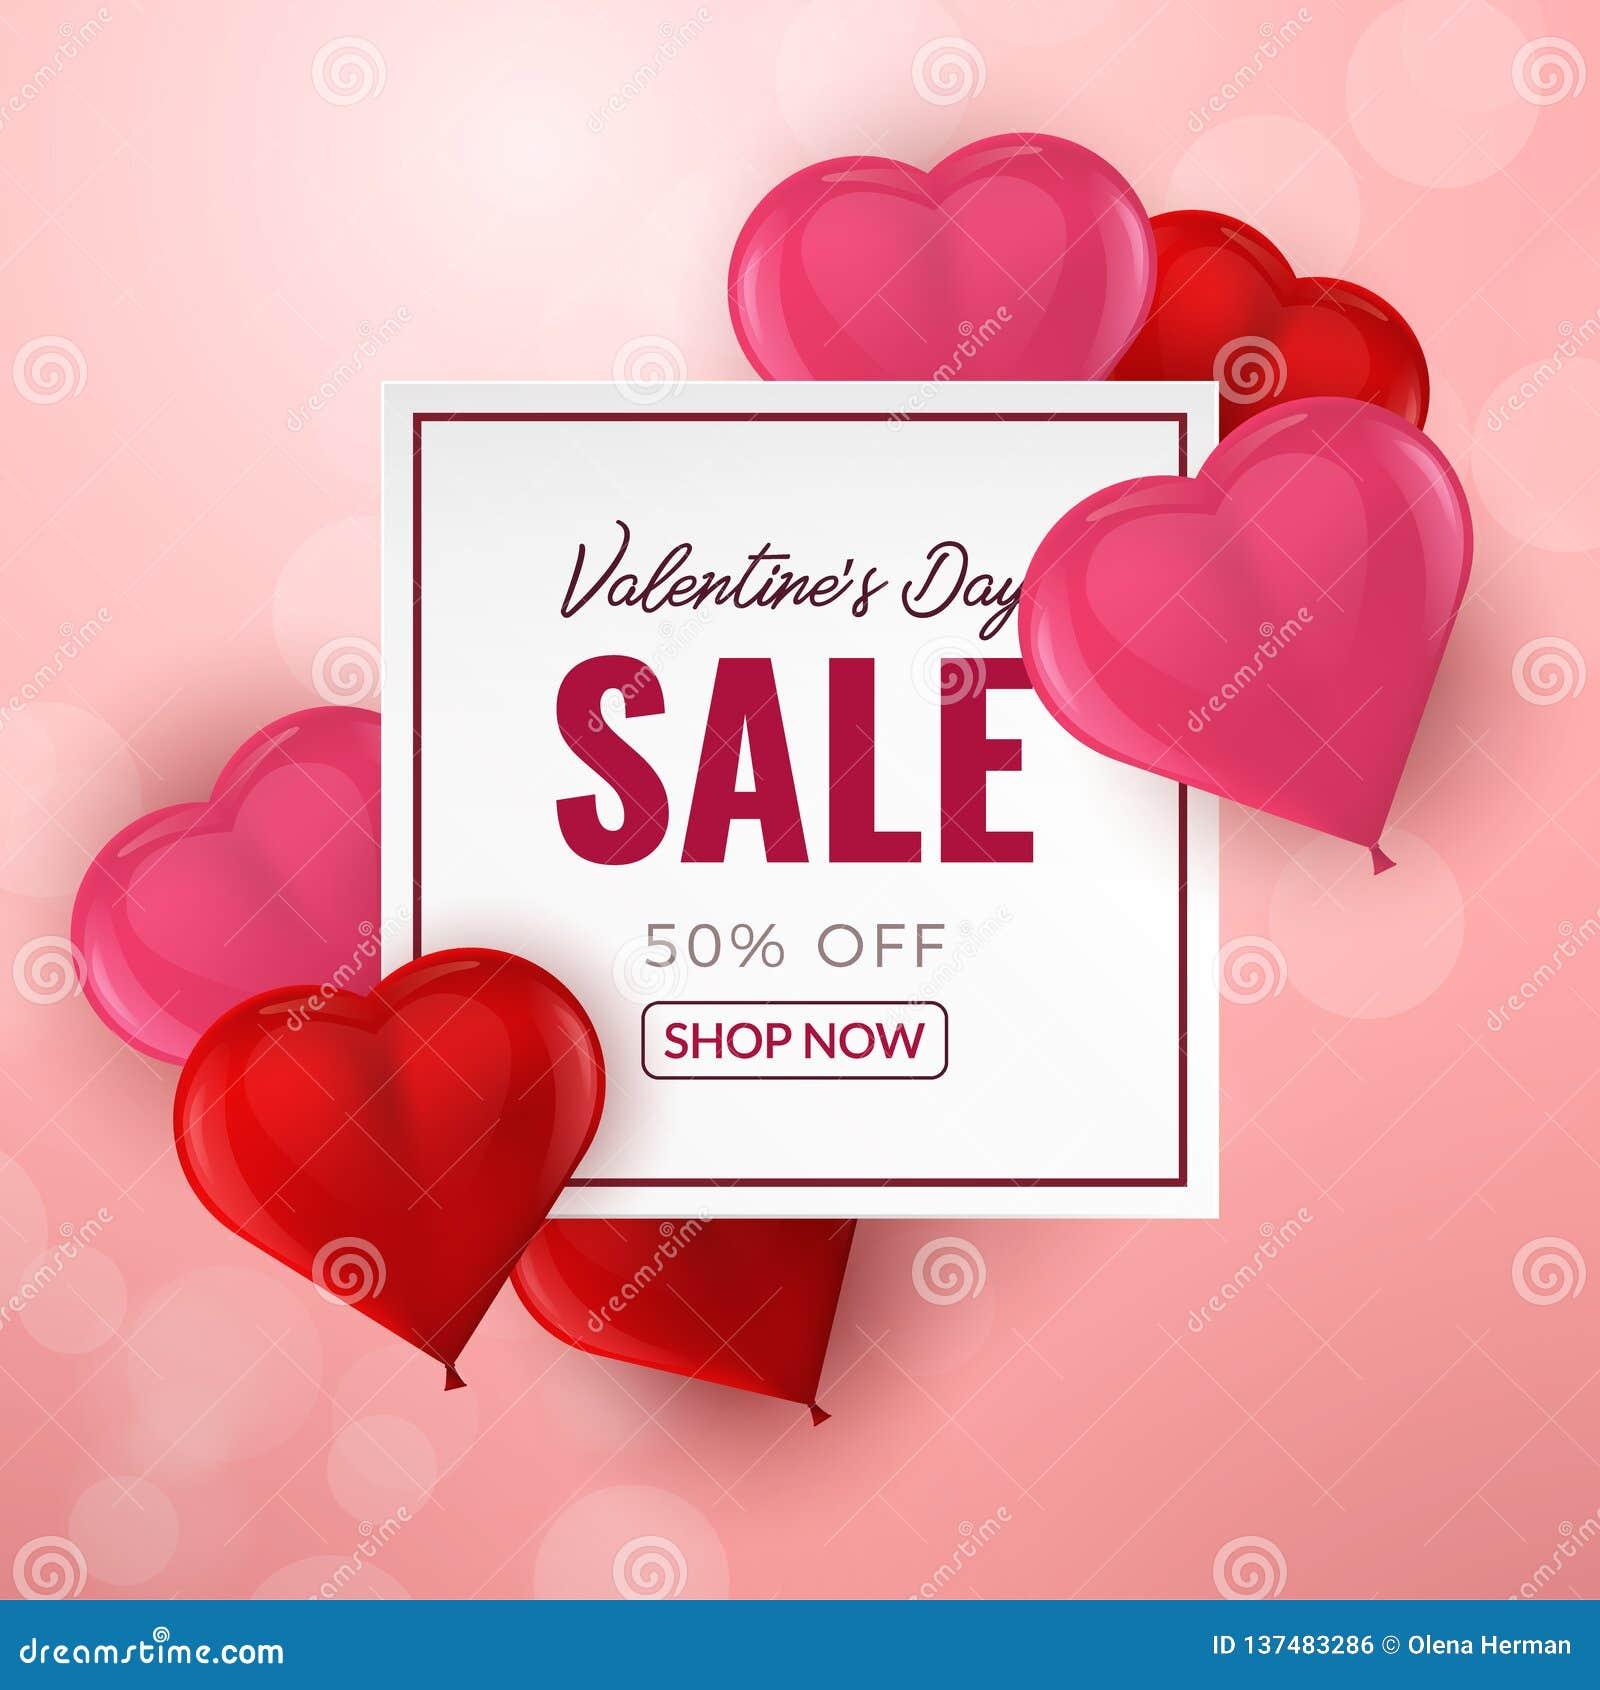 Bakgrund för valentindagförsäljning med röd och rosa hjärta formade ballonger 3d också vektor för coreldrawillustration